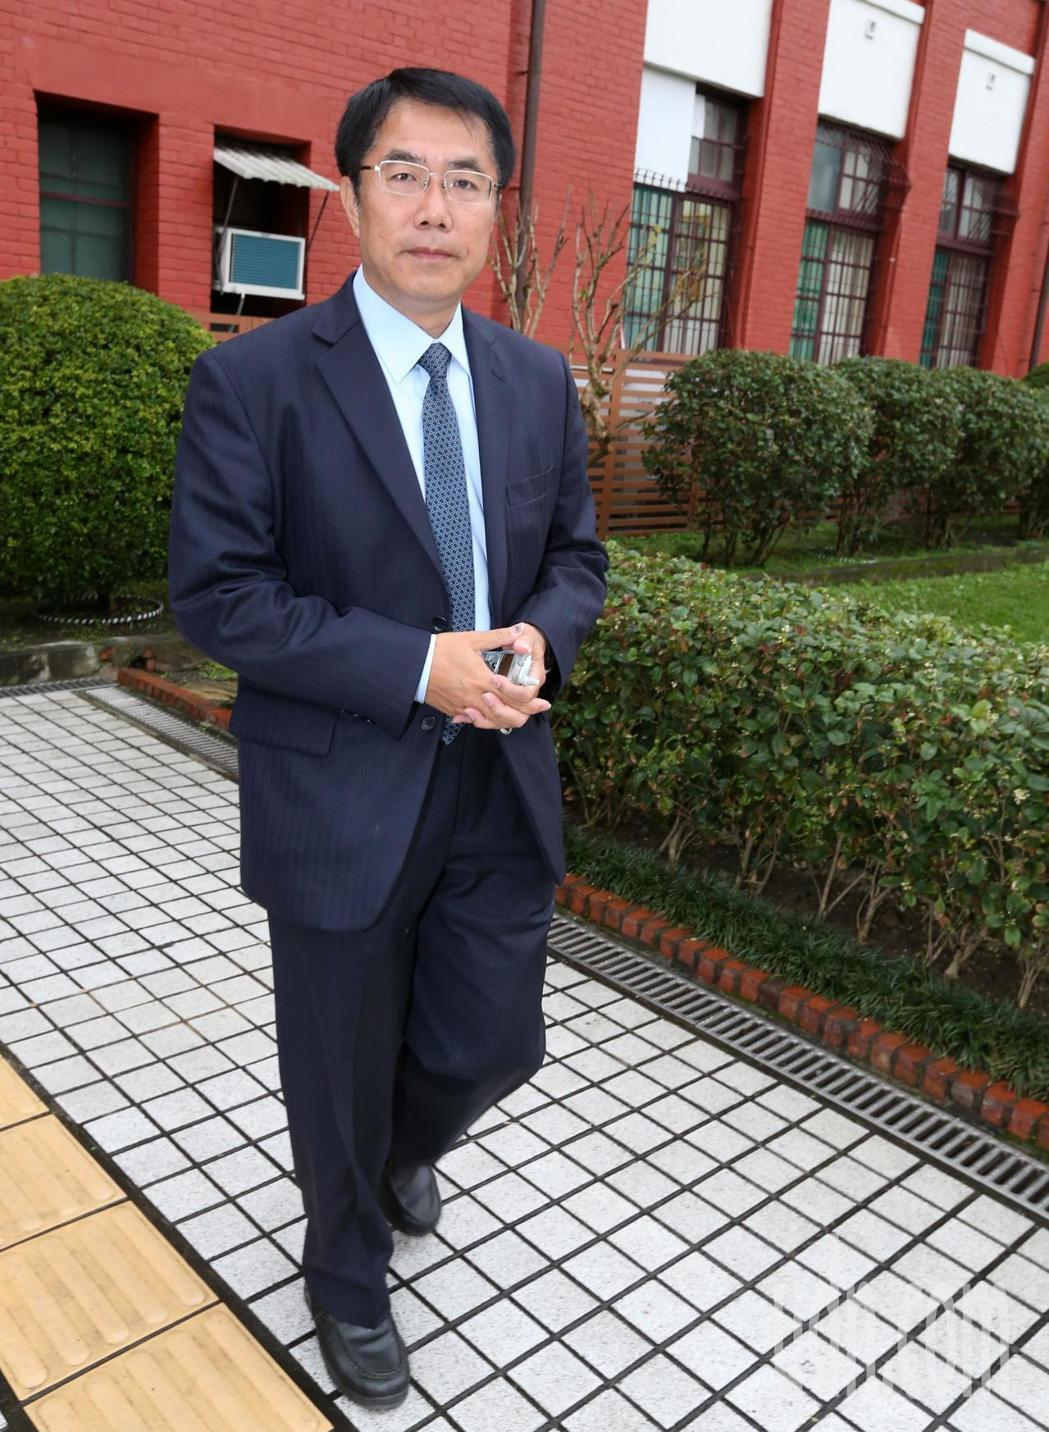 民進黨台南市長初選民調結果由黃偉哲勝出。記者胡經周/攝影